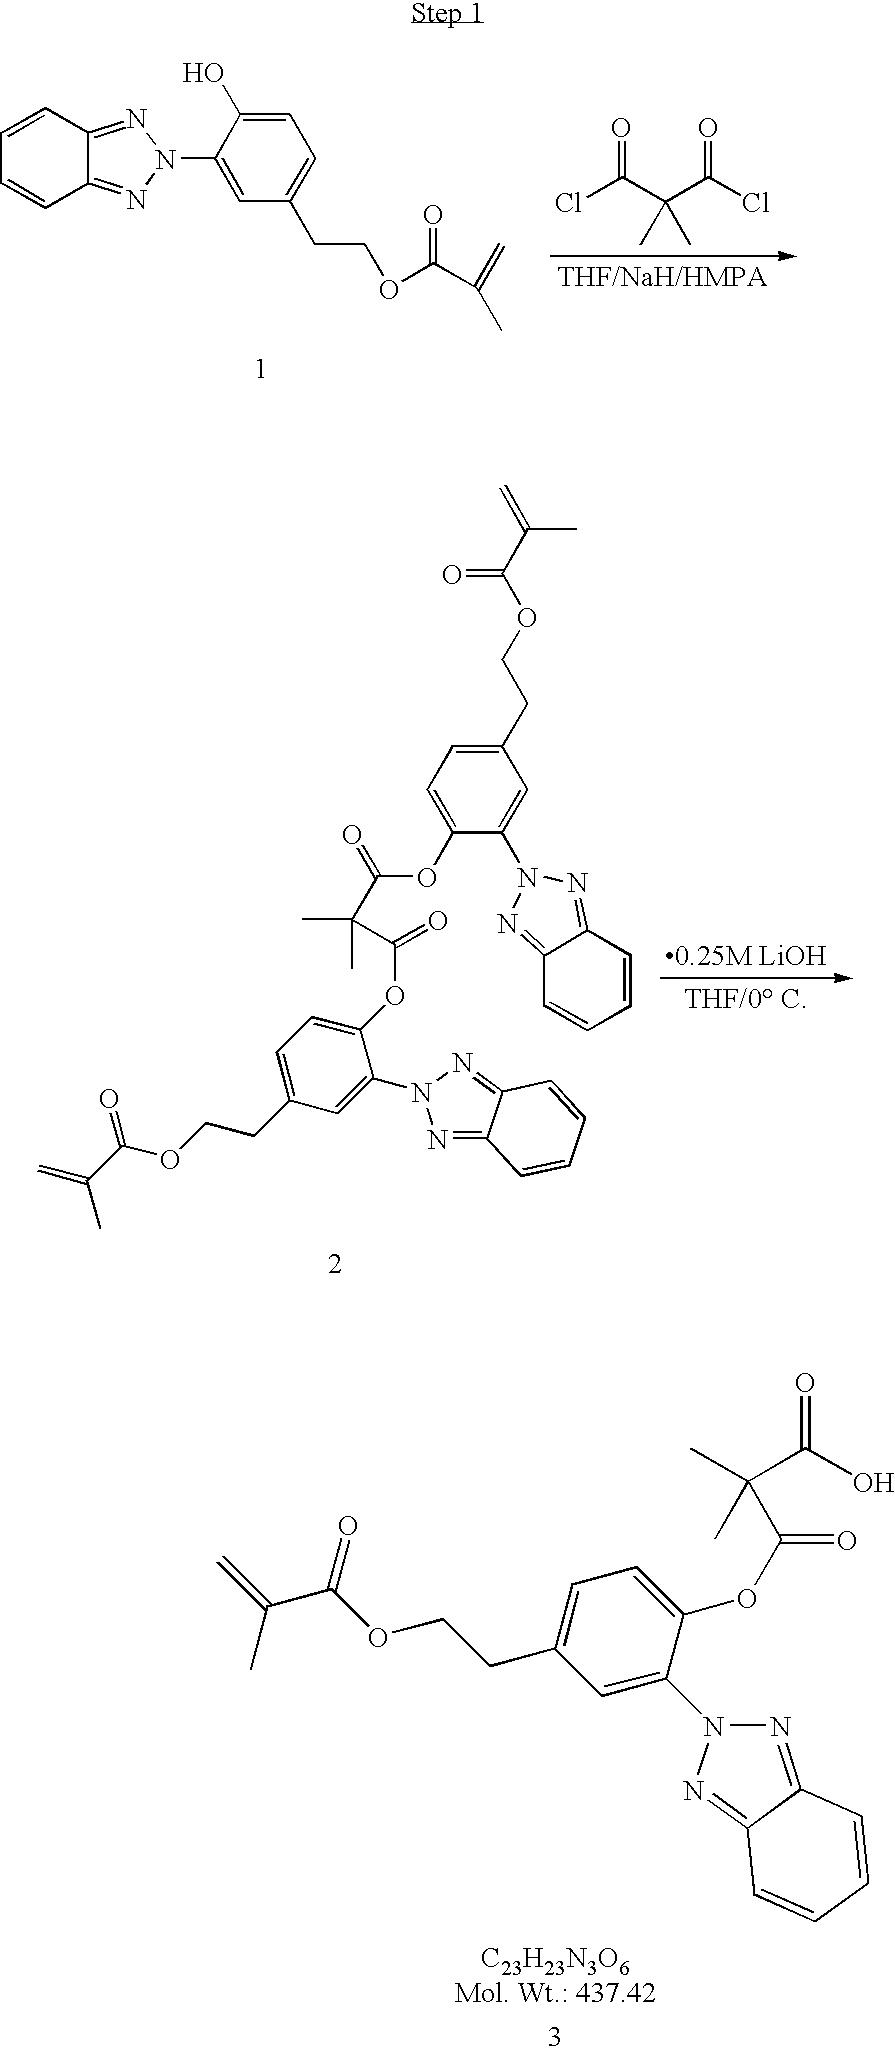 Figure US20100168359A1-20100701-C00029